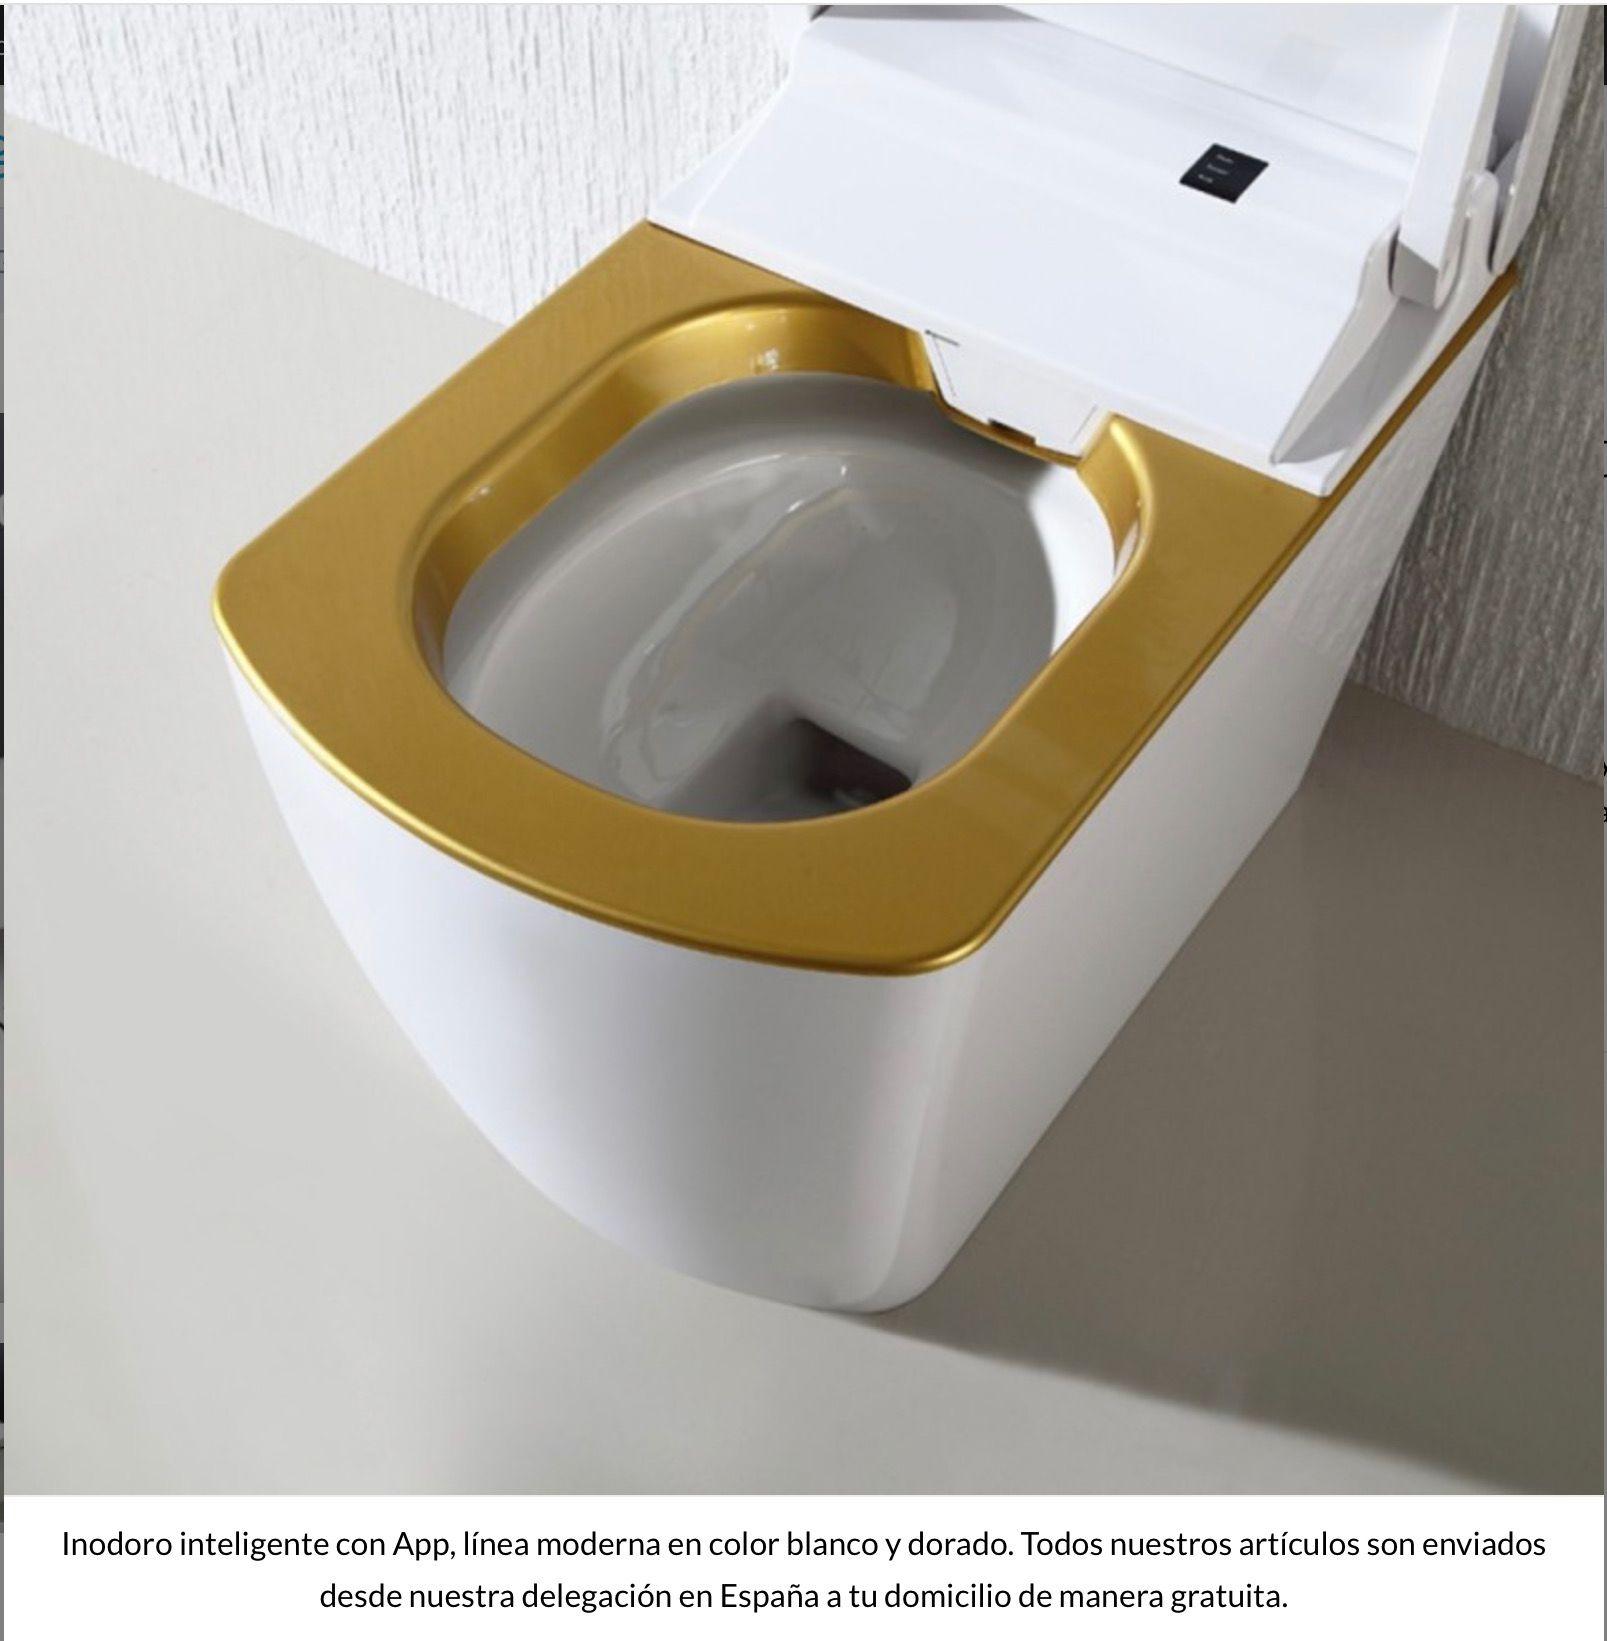 Pin De Eugenio En Inodoros Inteligentes Smart Toilet Con